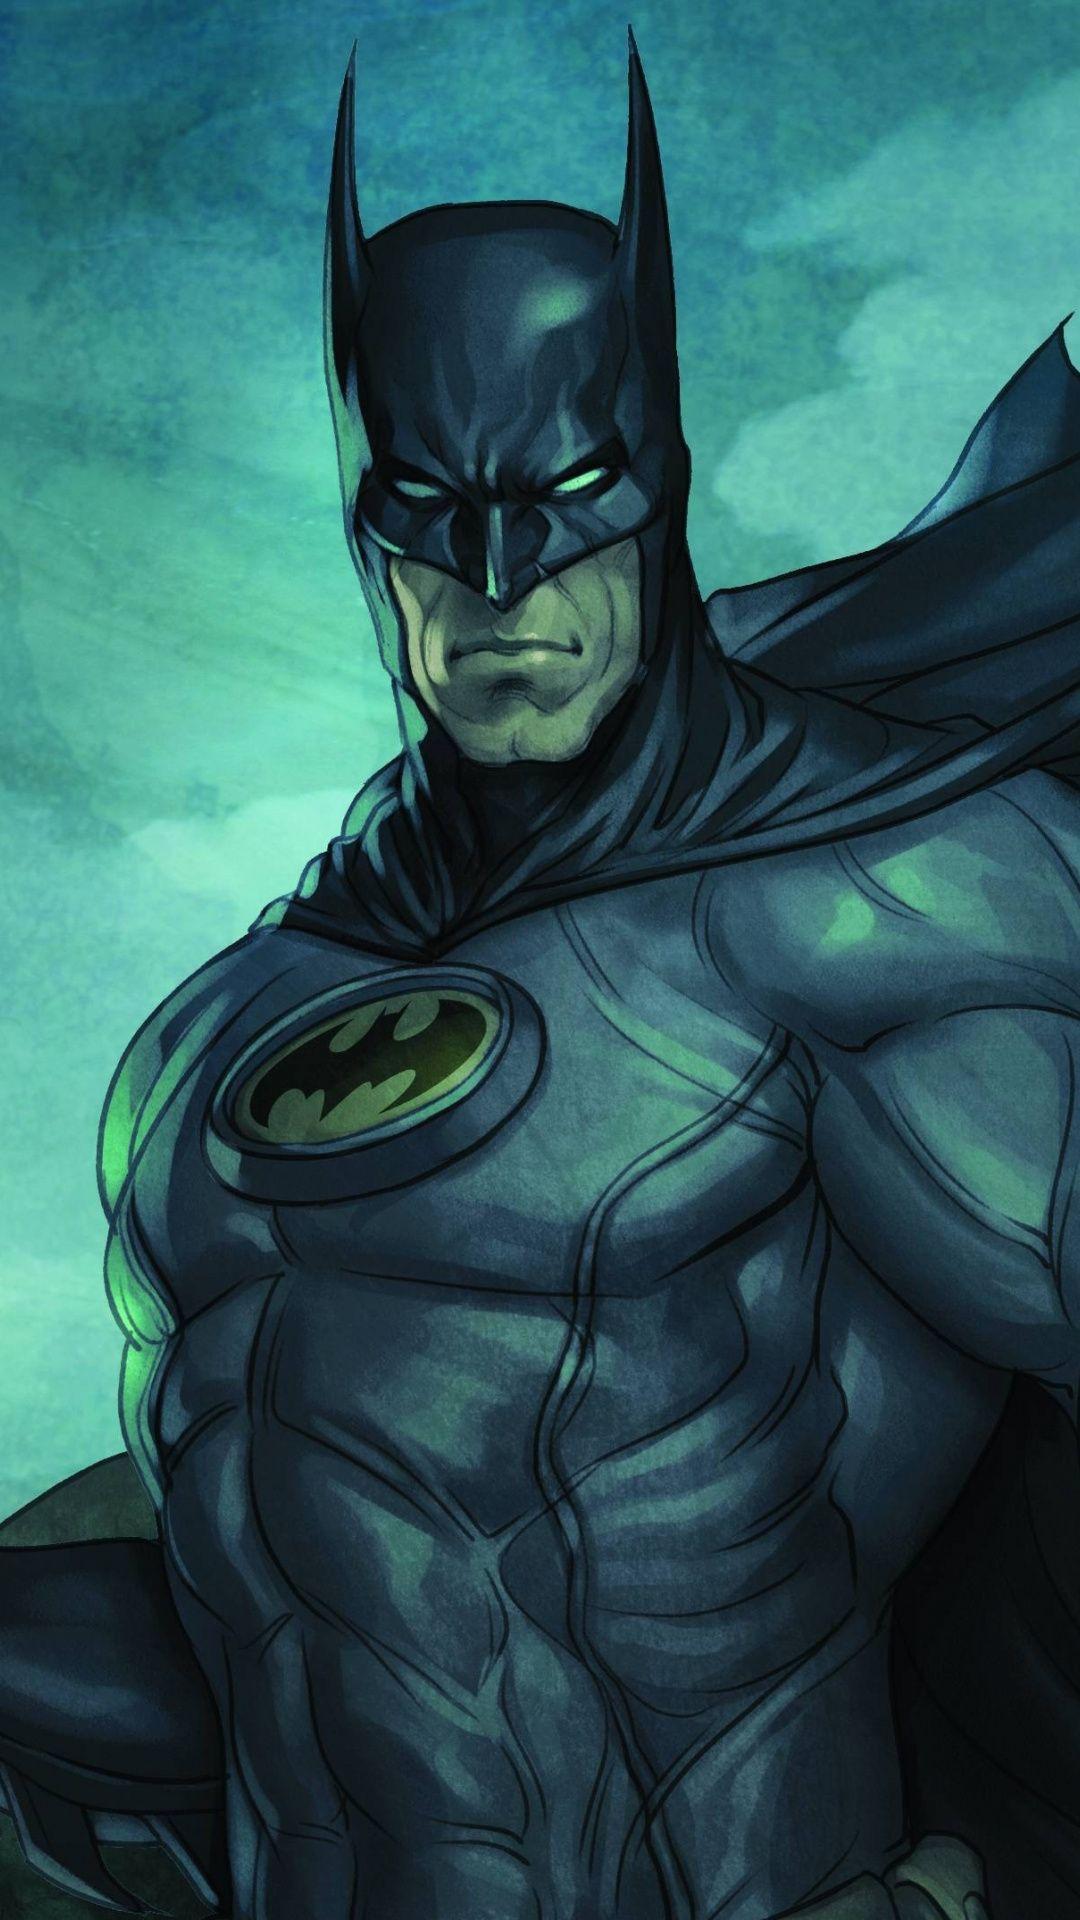 Batman, comics, dark, art, 1080x1920 wallpaper Batman